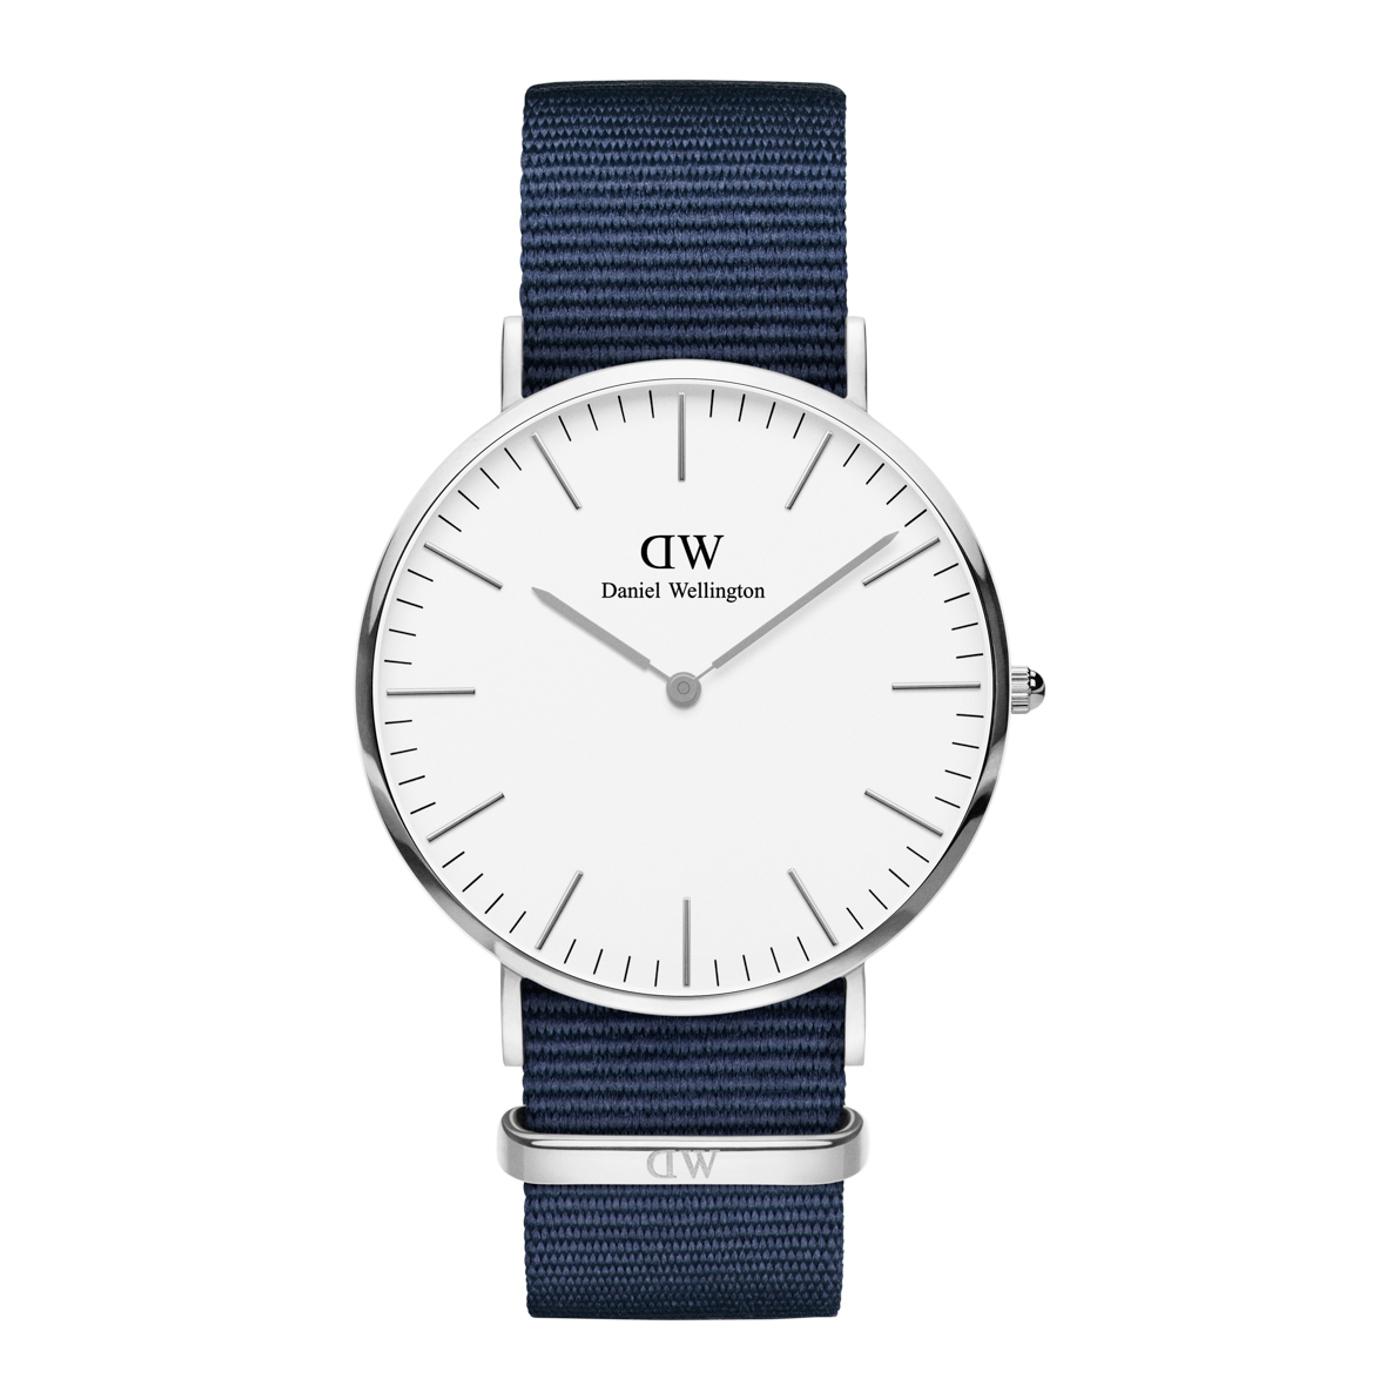 Afbeelding van Daniel Wellington Classic Bayswater horloge DW00100276 (40 mm)